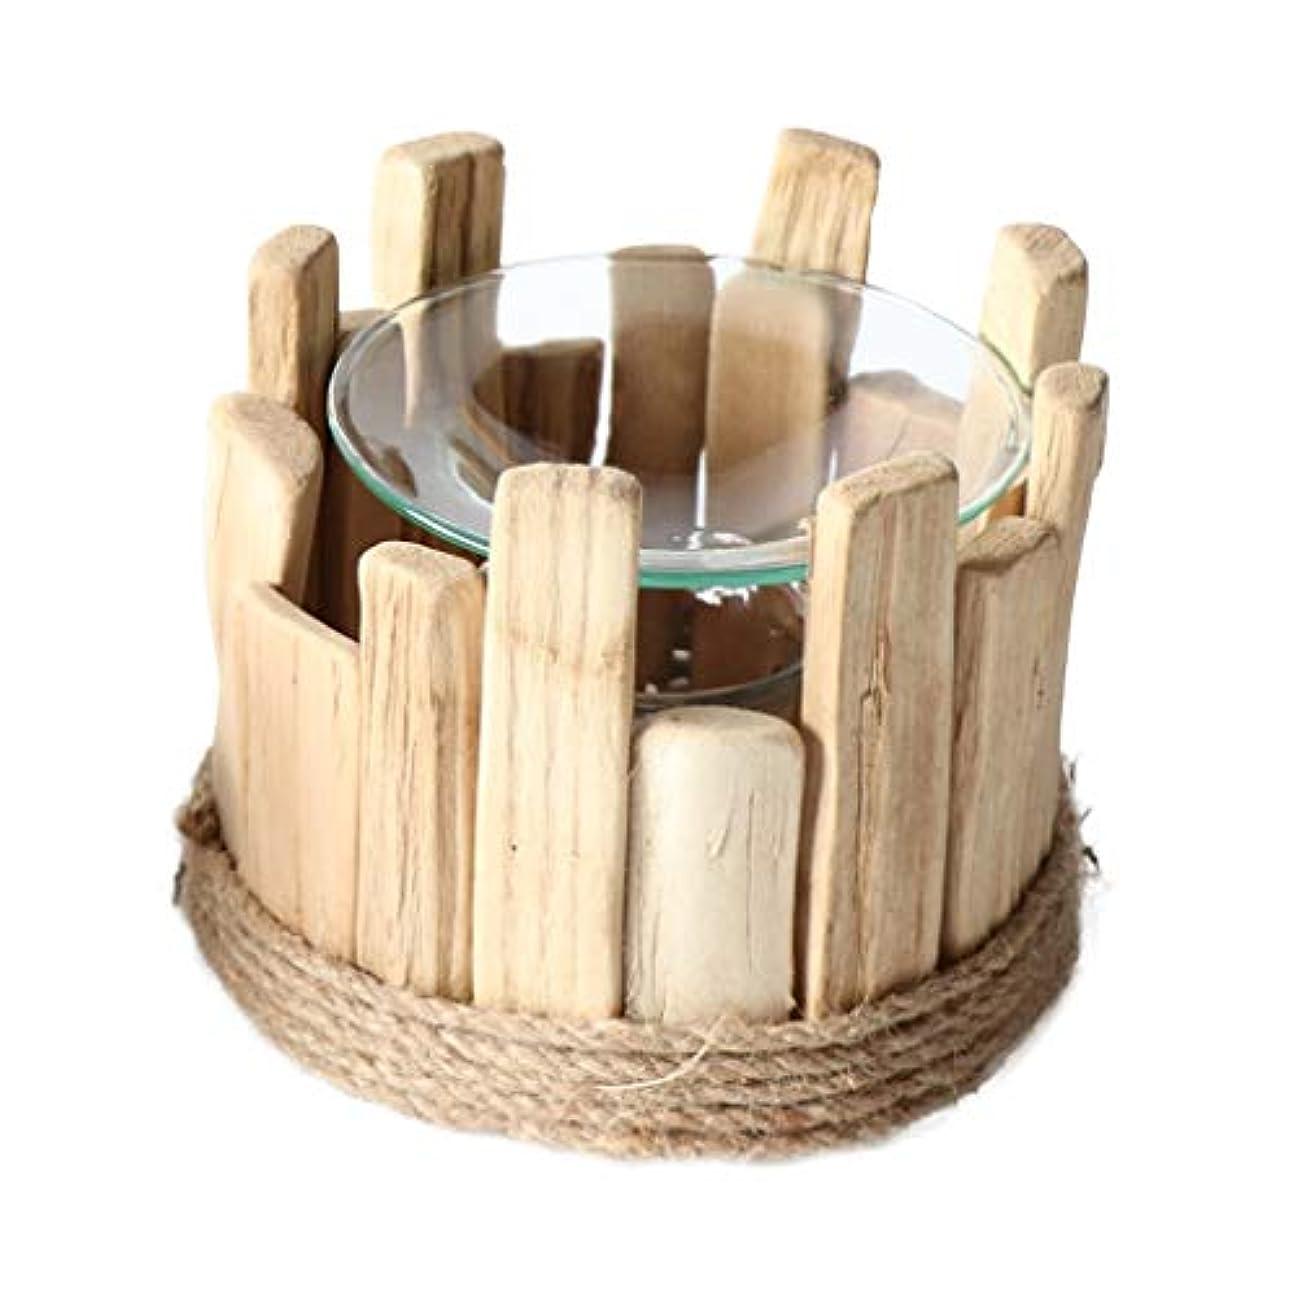 悲観的欠席一生家庭用木材香ホルダーエッセンシャルオイルアロマ燭台香バーナー寝室アロマセラピー炉香バーナーホルダー (Color : C)